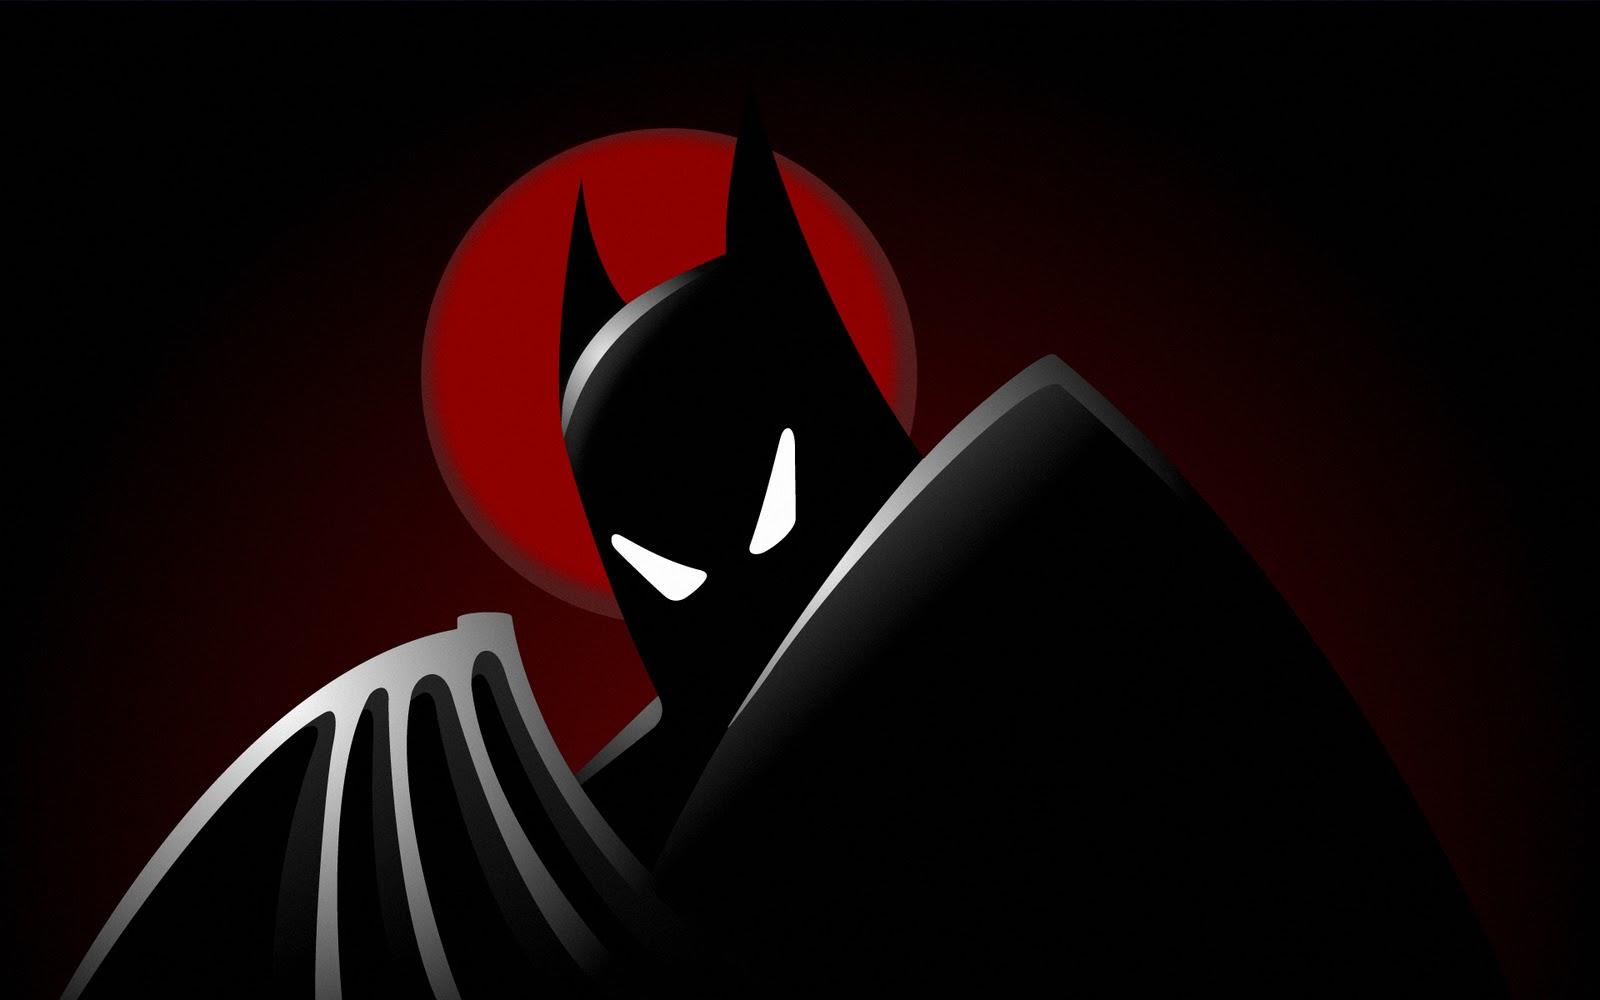 Batman achtergronden hd wallpapers - Batman wallpaper cartoon ...